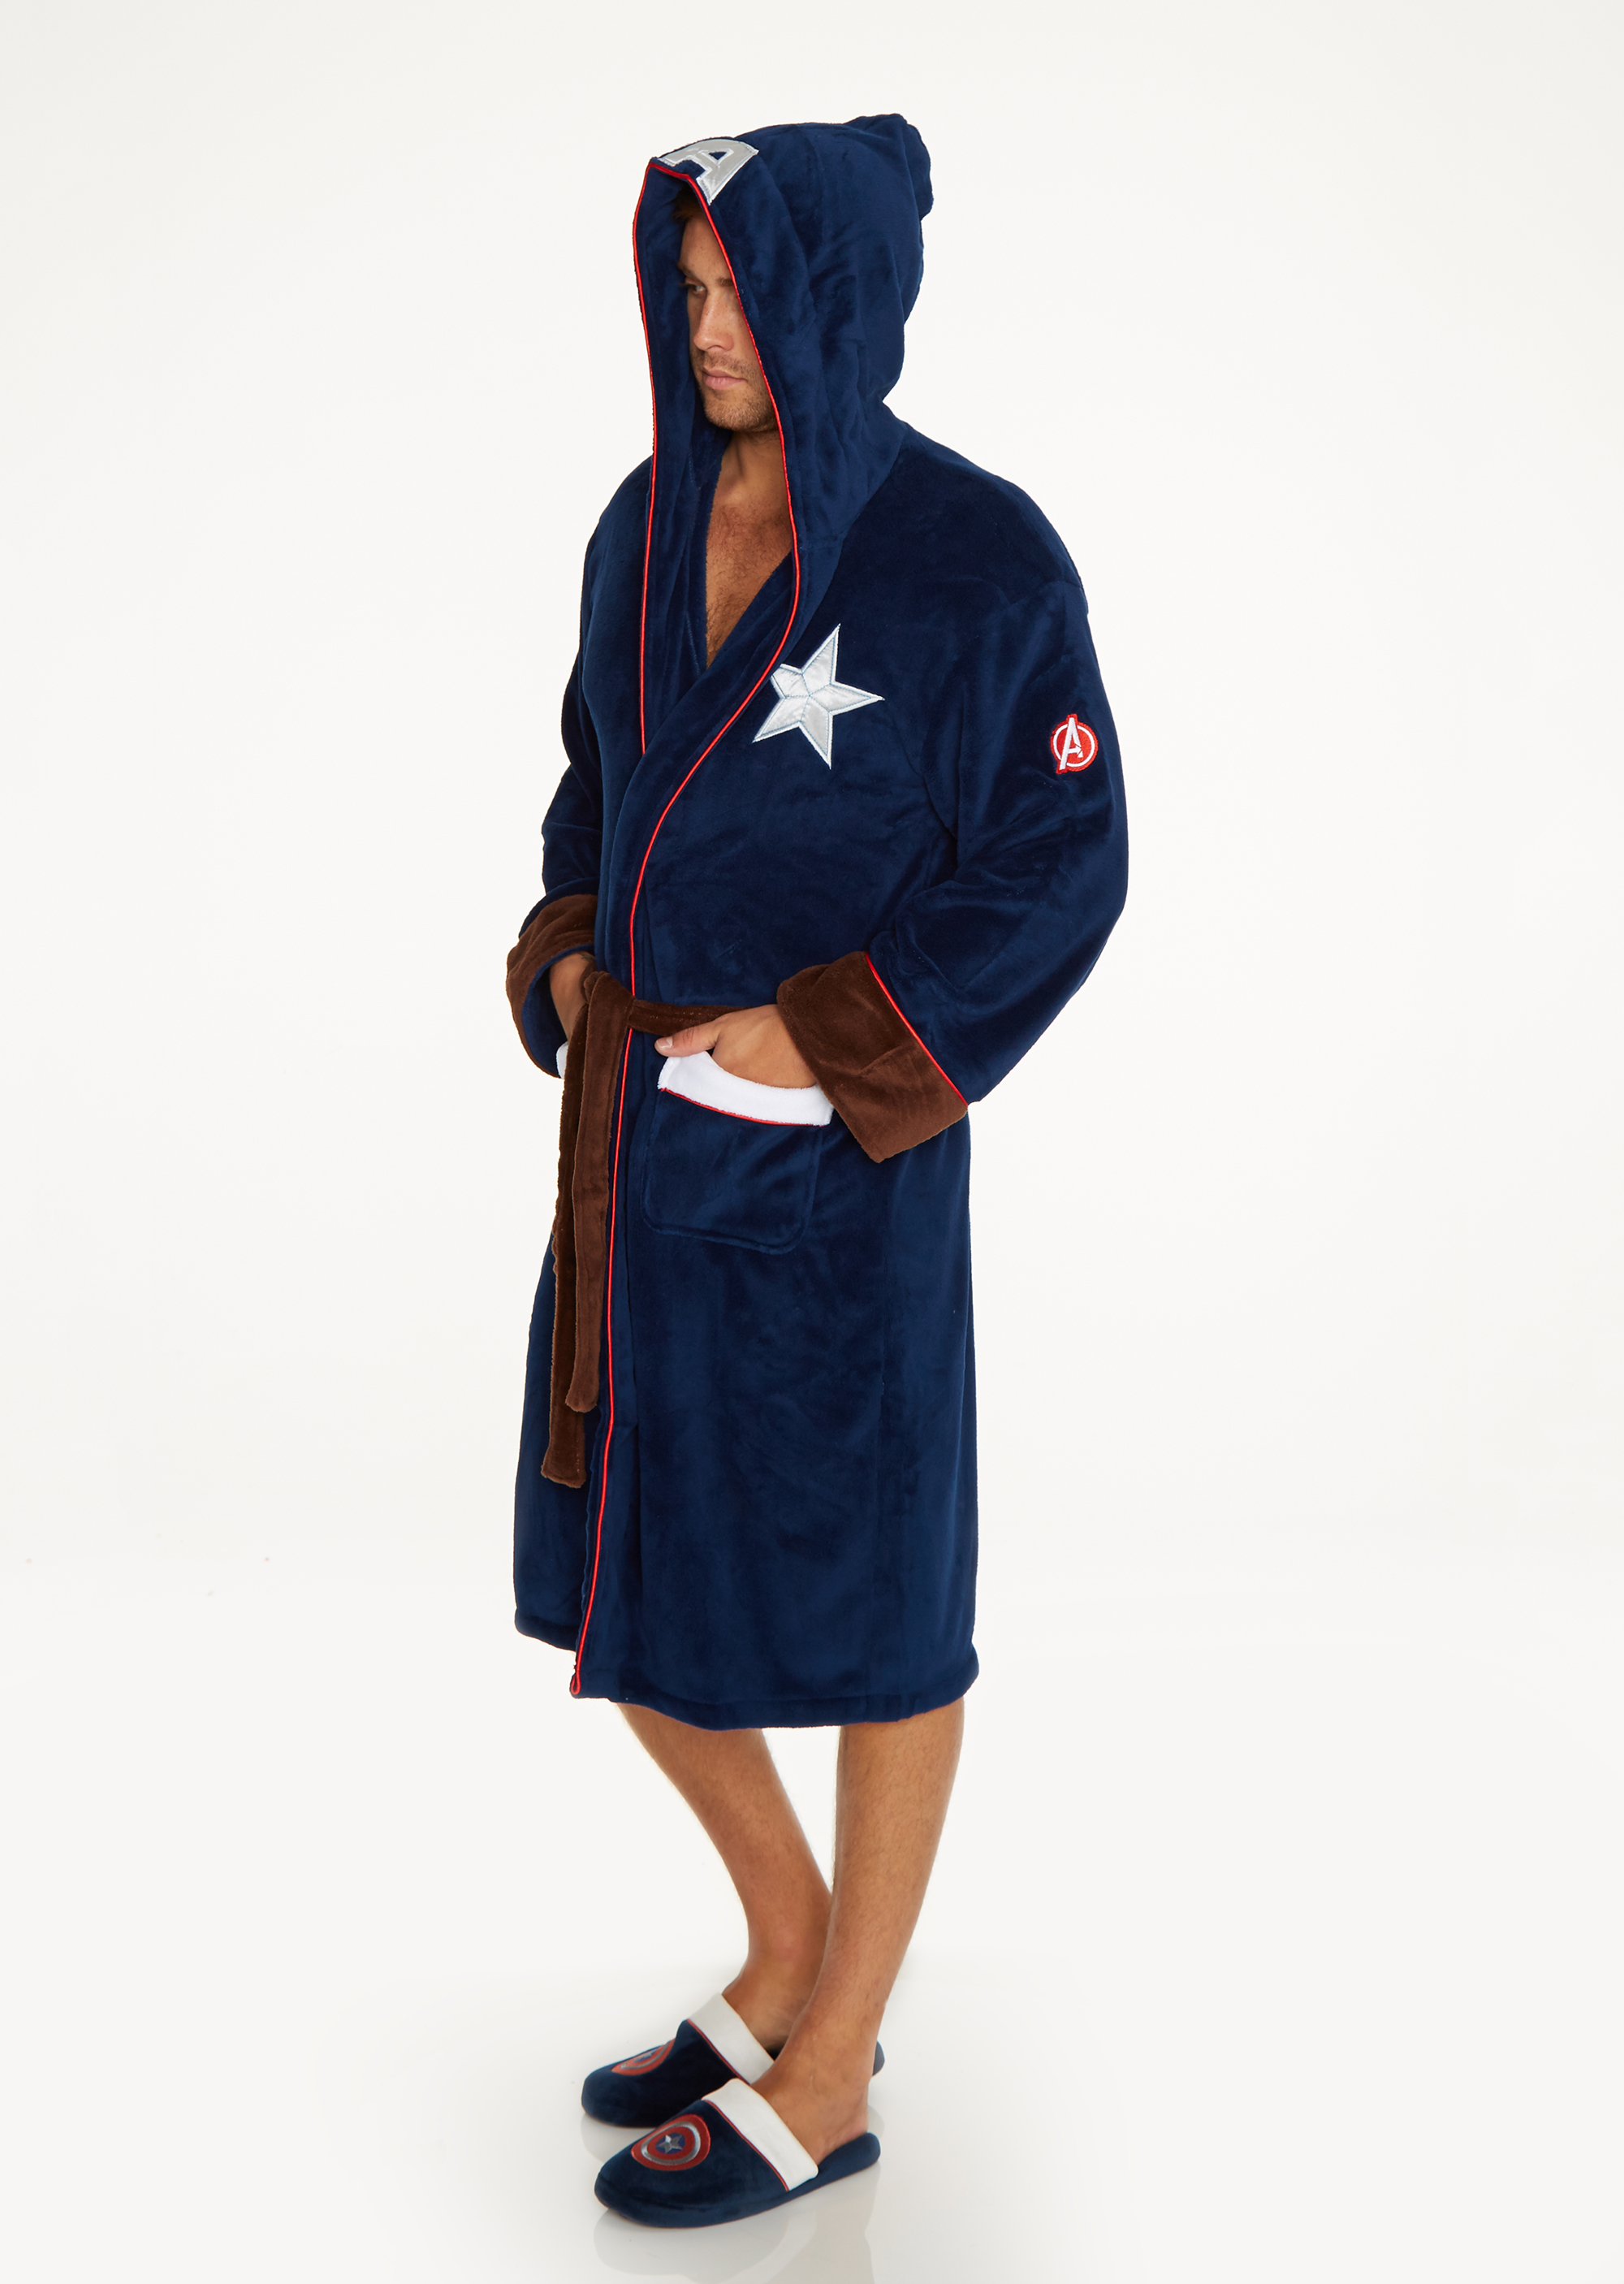 Marvel Captain America Outfit Adult Fleece Bathrobe – Groovy UK 6b65649c1